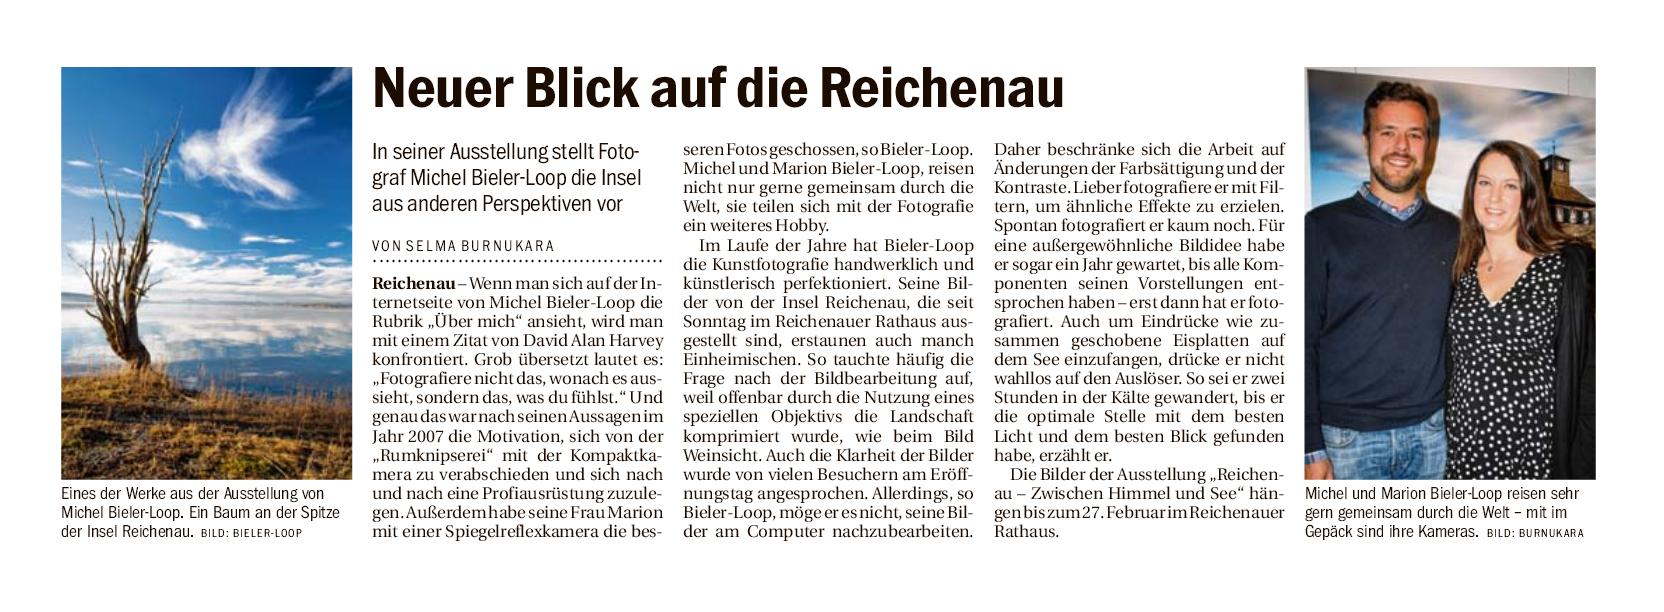 Reichenau.photo_SÜDKURIER